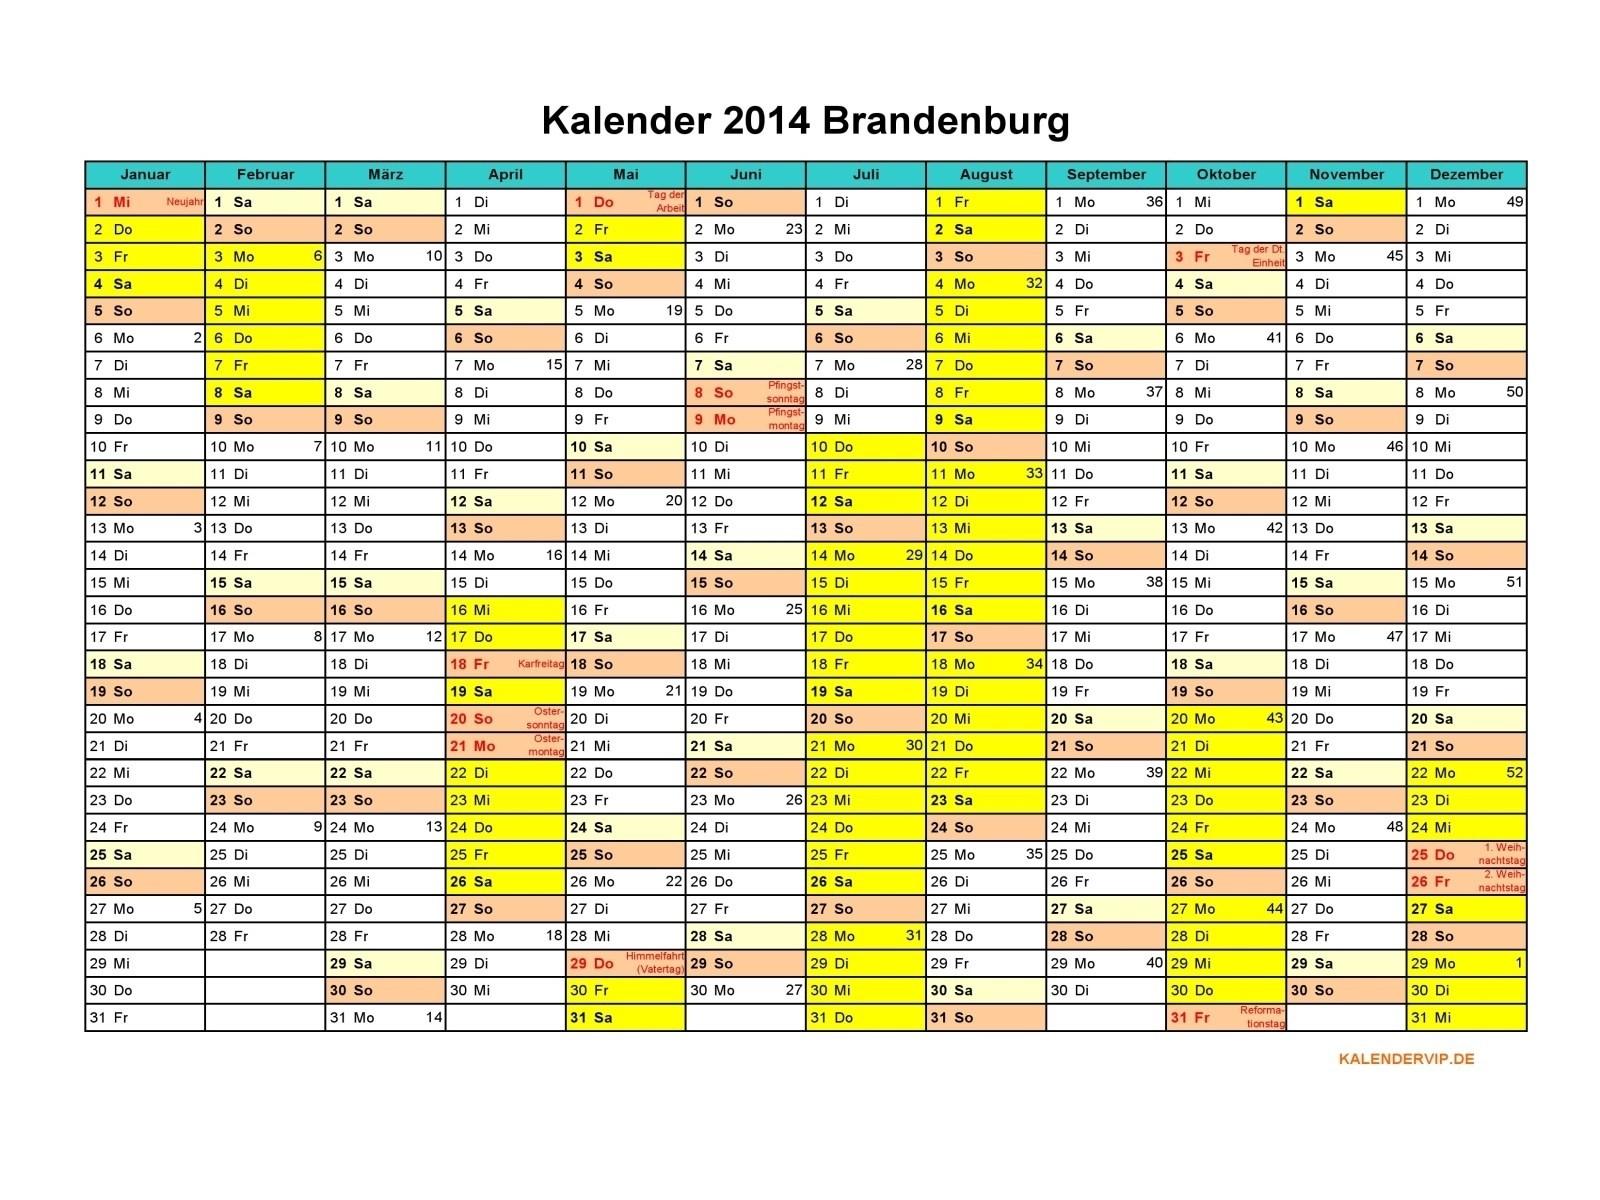 Kalender 2019 Excel Schweiz Más Recientes Excel Kostenlos – Gehen Of Kalender 2019 Excel Schweiz Recientes Word Vorlage Kalender 2018 56 Elegant Bilder Kalender 2018